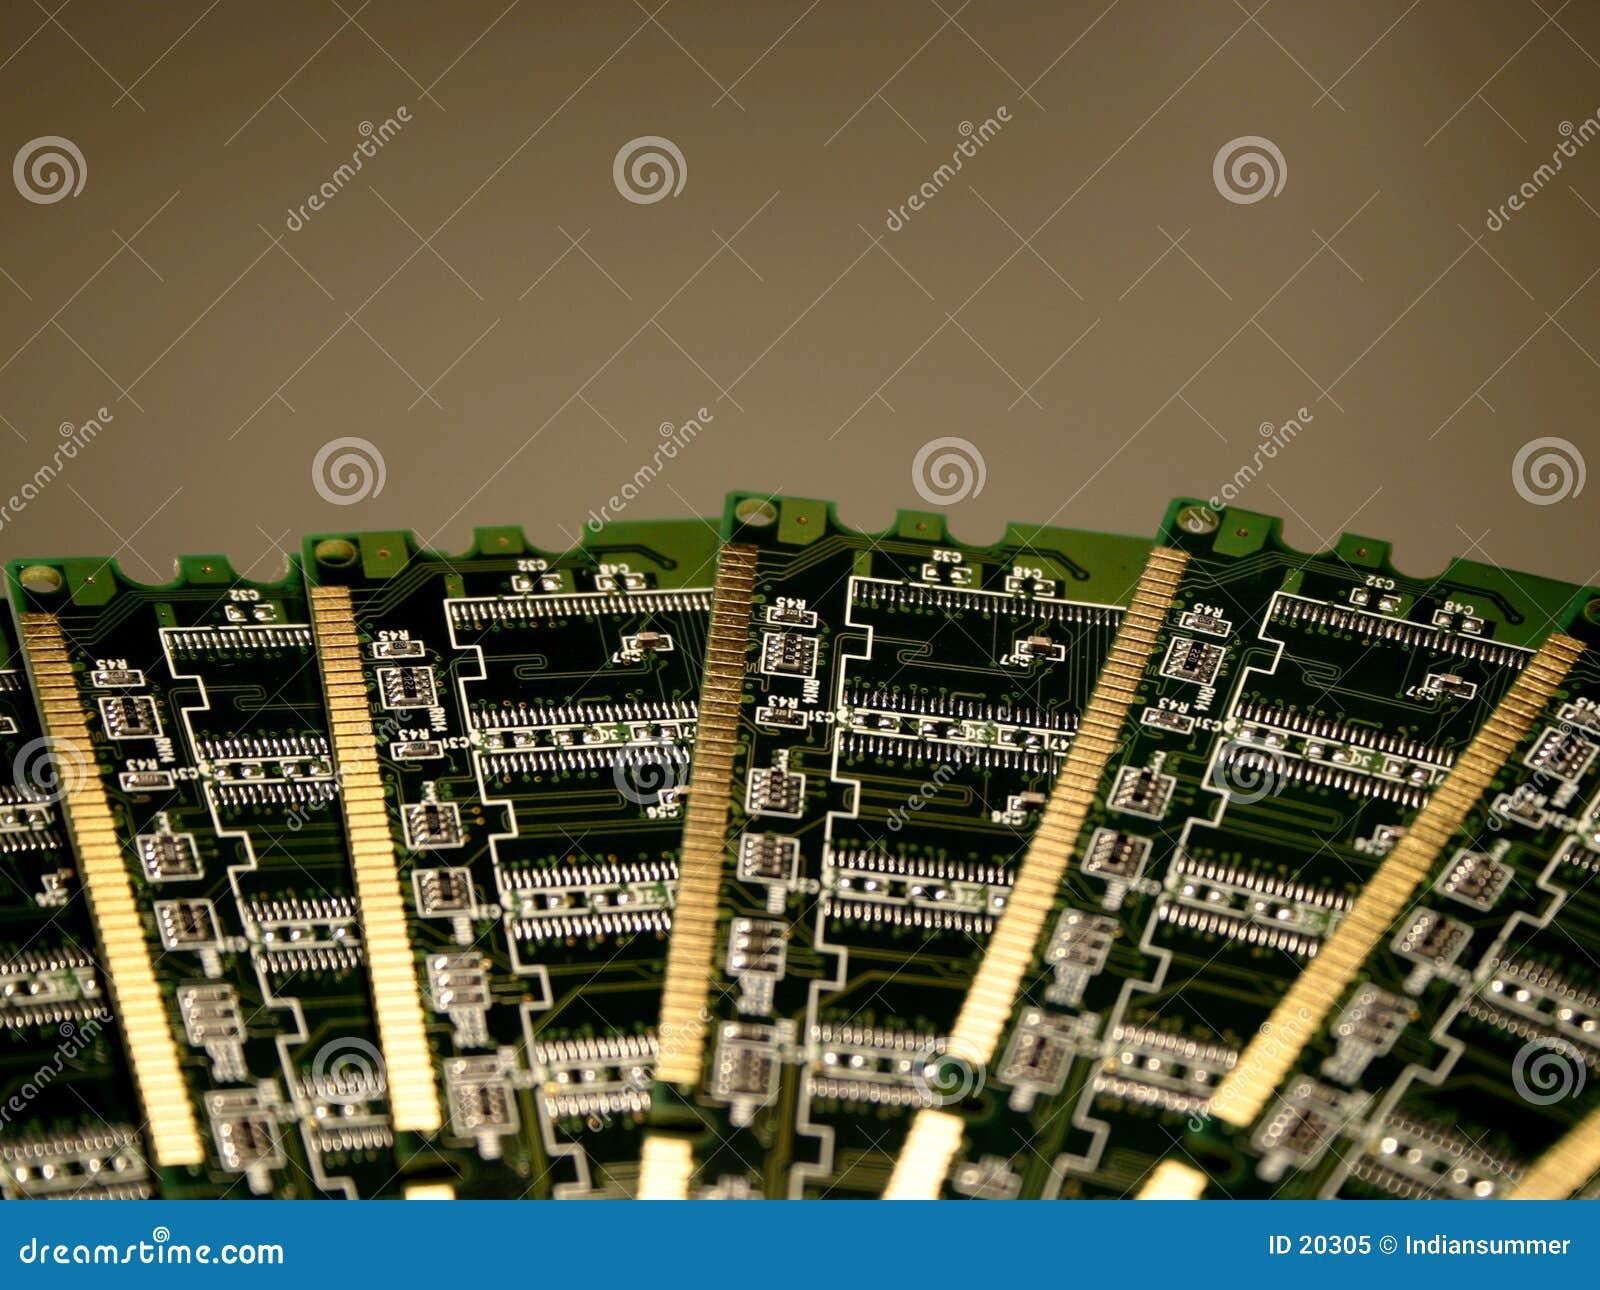 Moduły pamięci komputera iv